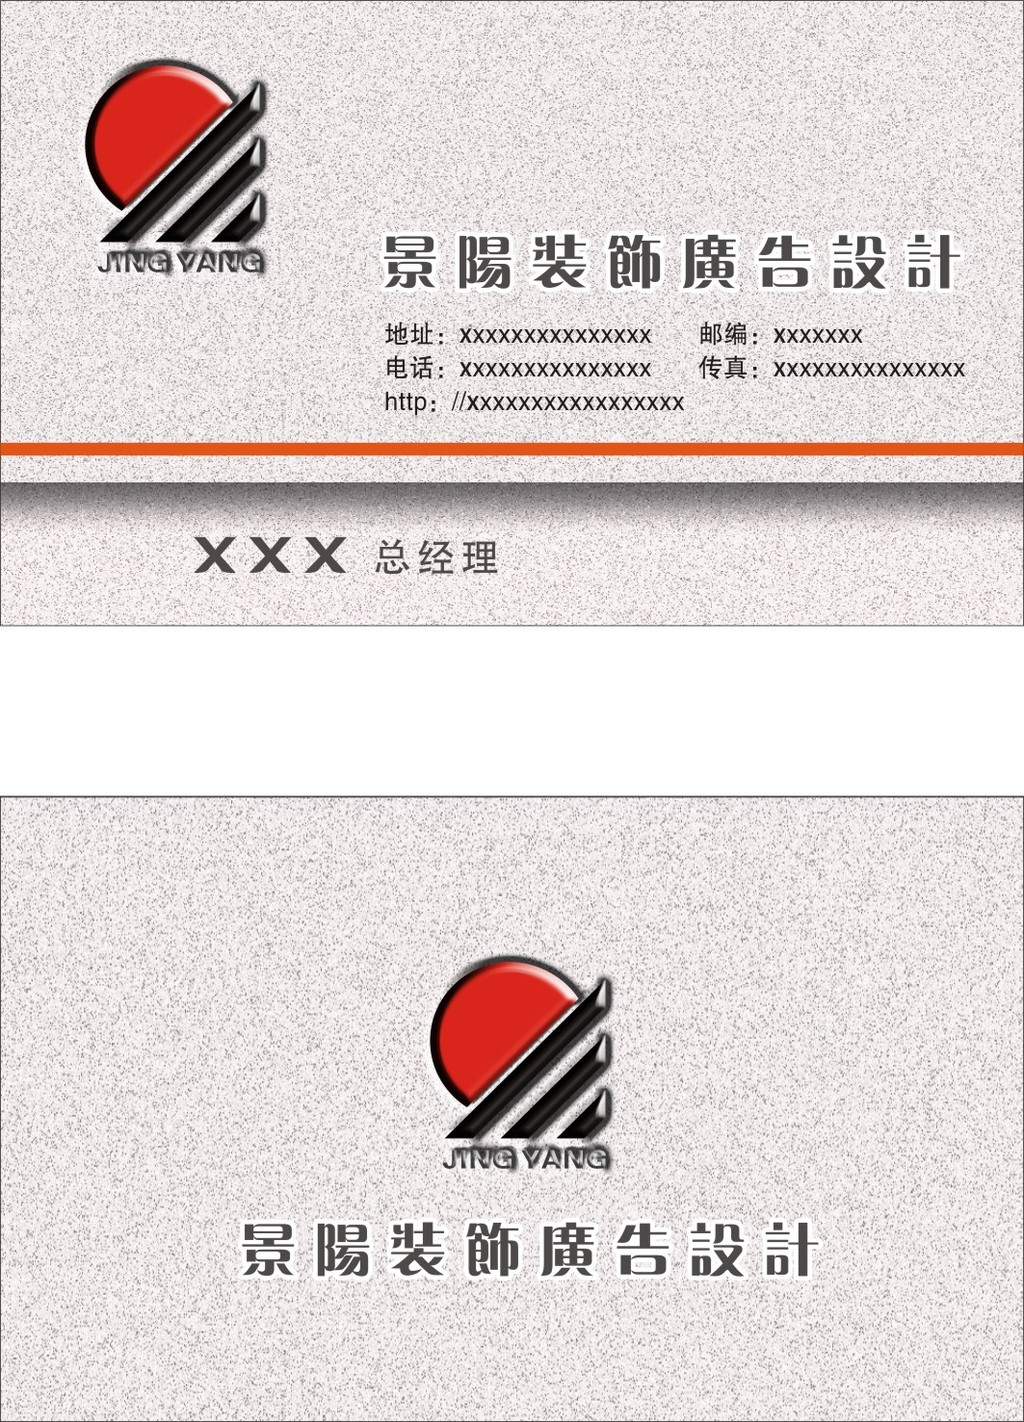 装饰公司名片模板下载 装饰公司名片图片下载 装饰 公司 名片 装饰